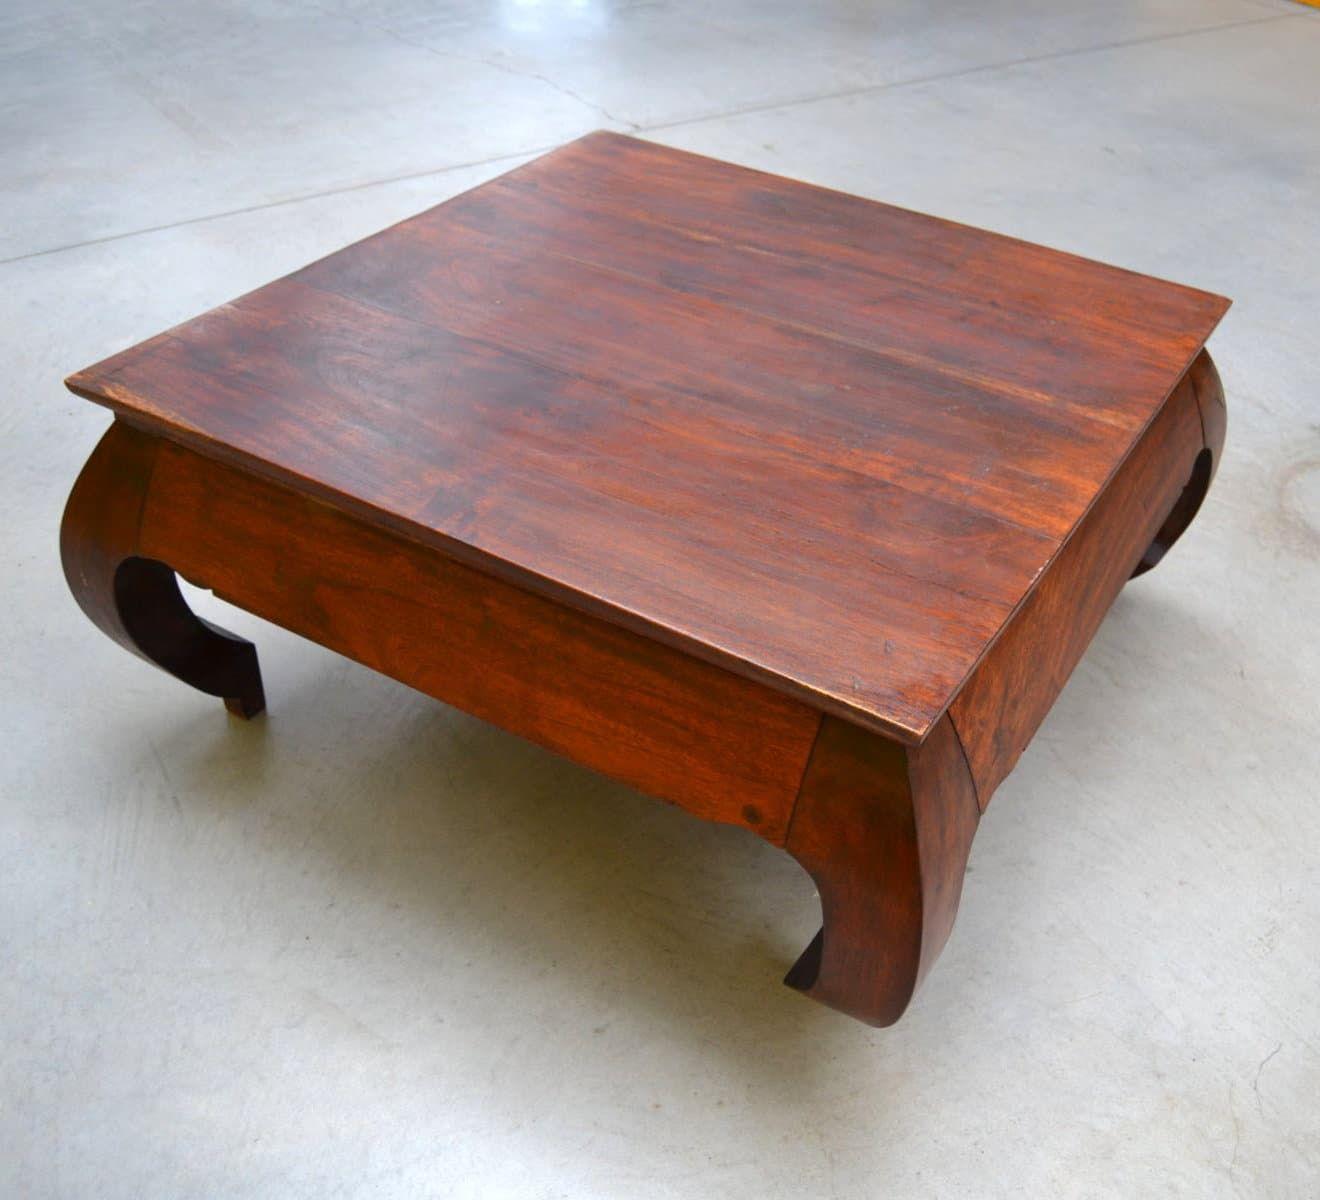 Tavolino Basso In Legno.Tavolino Basso Da Salotto Quadrato In Legno Esotico Lato 85 Cm